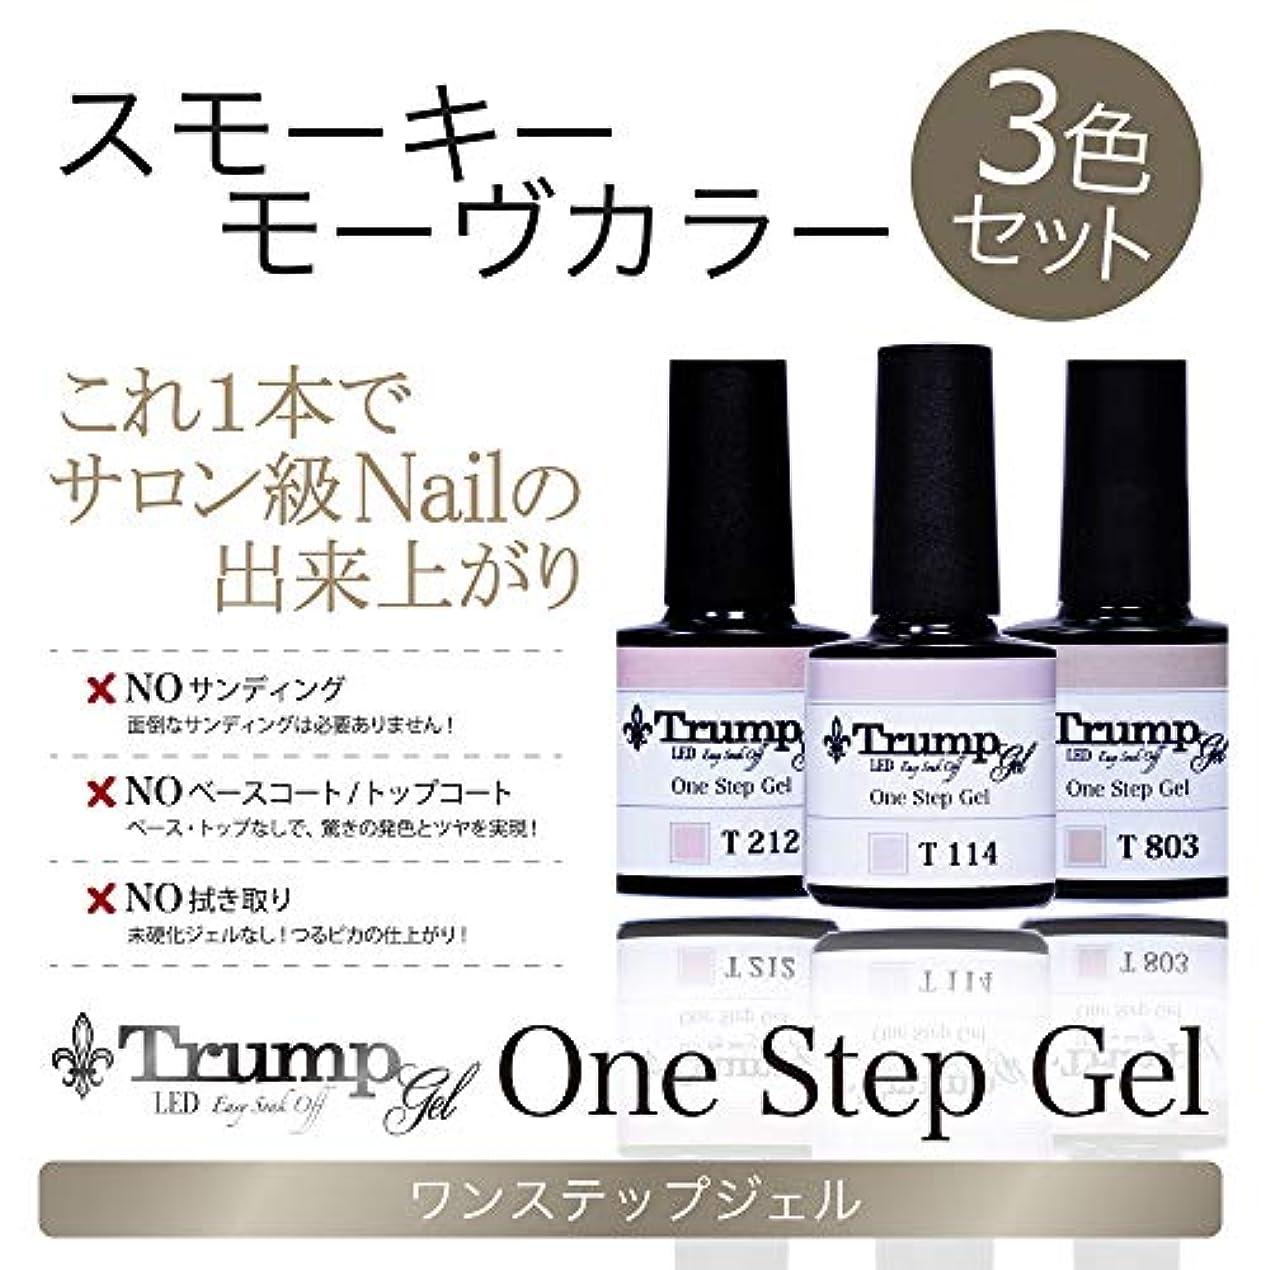 終わった心からくるくる【日本製】Trump gel トランプジェル ワンステップジェル ジェルネイル カラージェル 3点 セット スモーキーモーヴ ボルドー マーブル (スモーキーモーヴカラーセット)